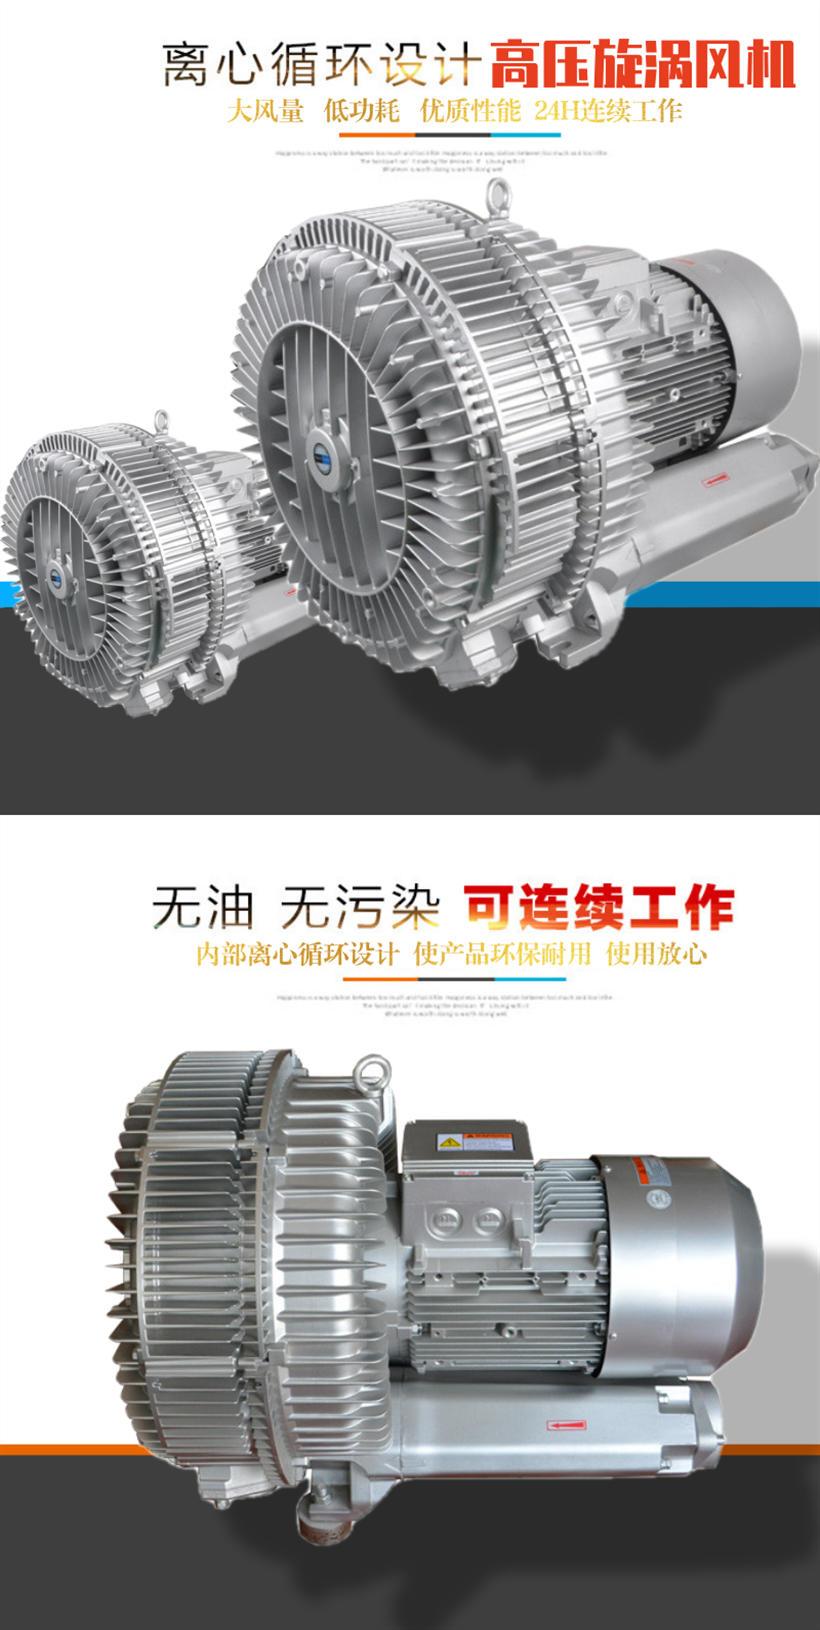 高压风机 中国台湾 22kw高压漩涡风机 江苏高压风机厂家示例图2